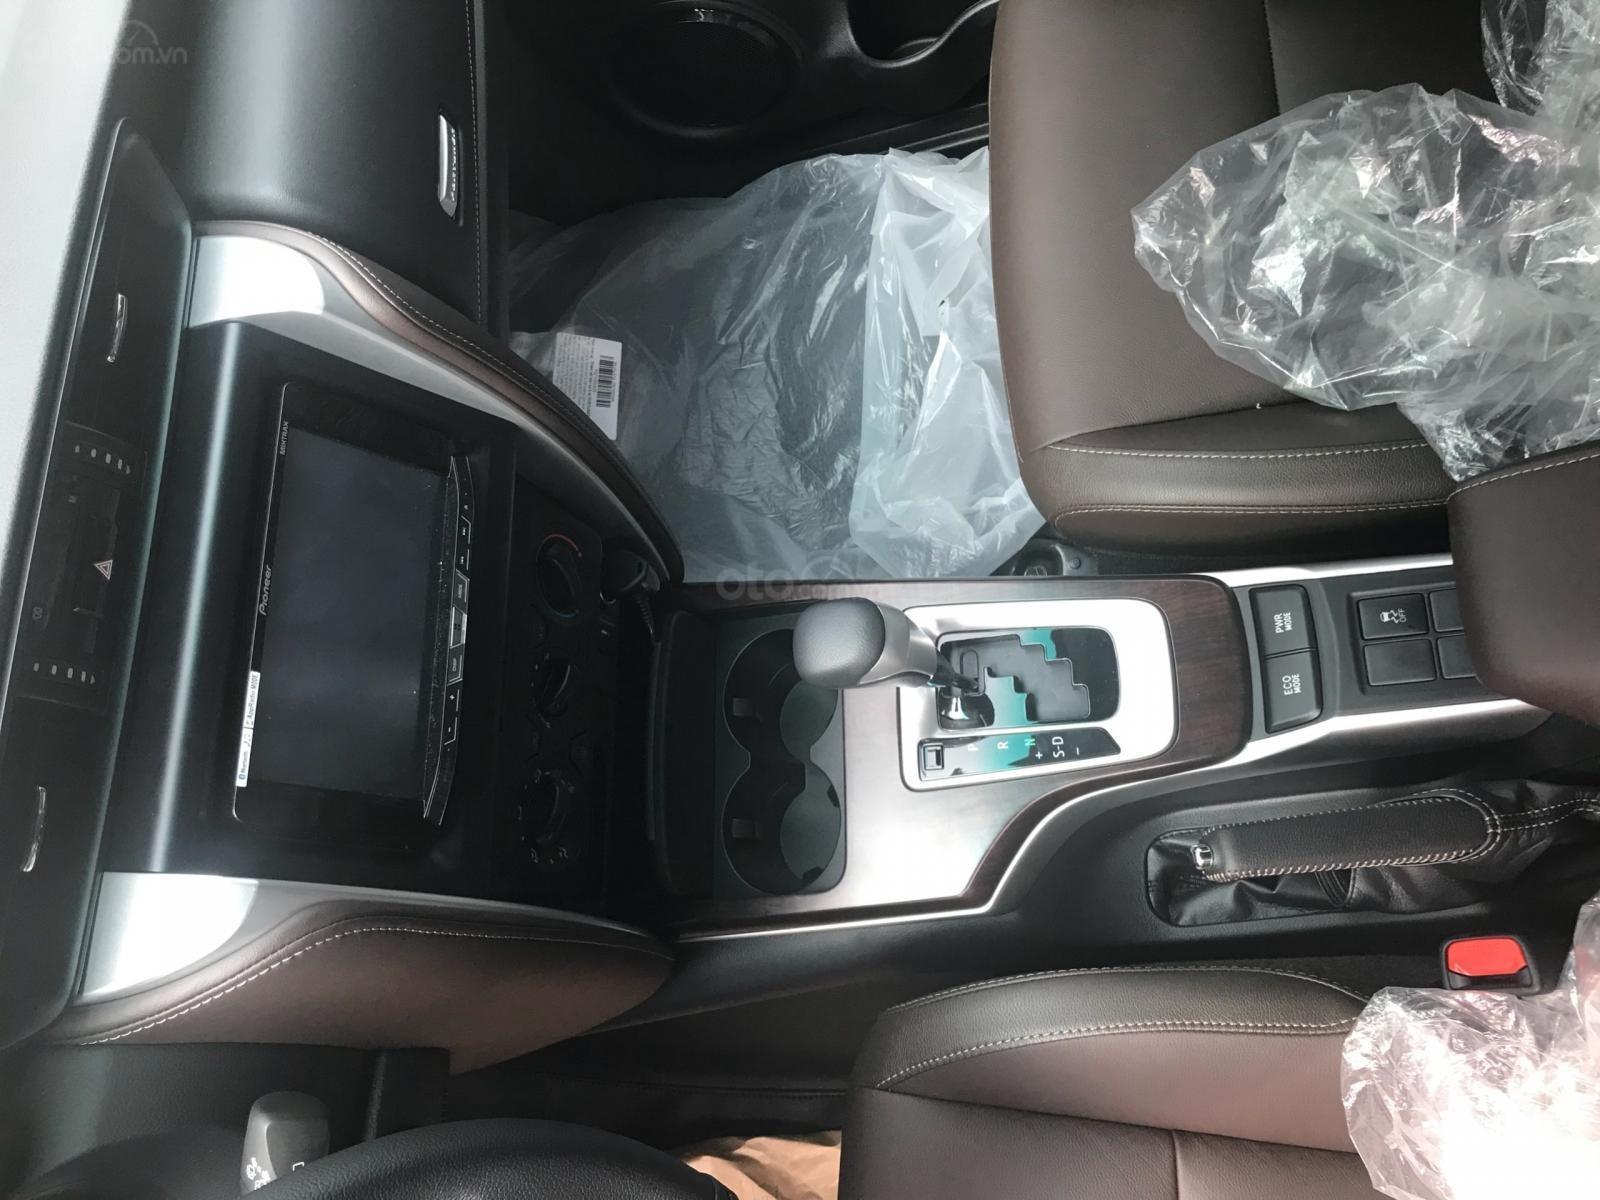 Toyota Tân Cảng bán Fortuner 2.4G máy dầu, số tự động, xe đủ màu giao ngay - trả trước 280tr nhận xe, 0933000600 (2)